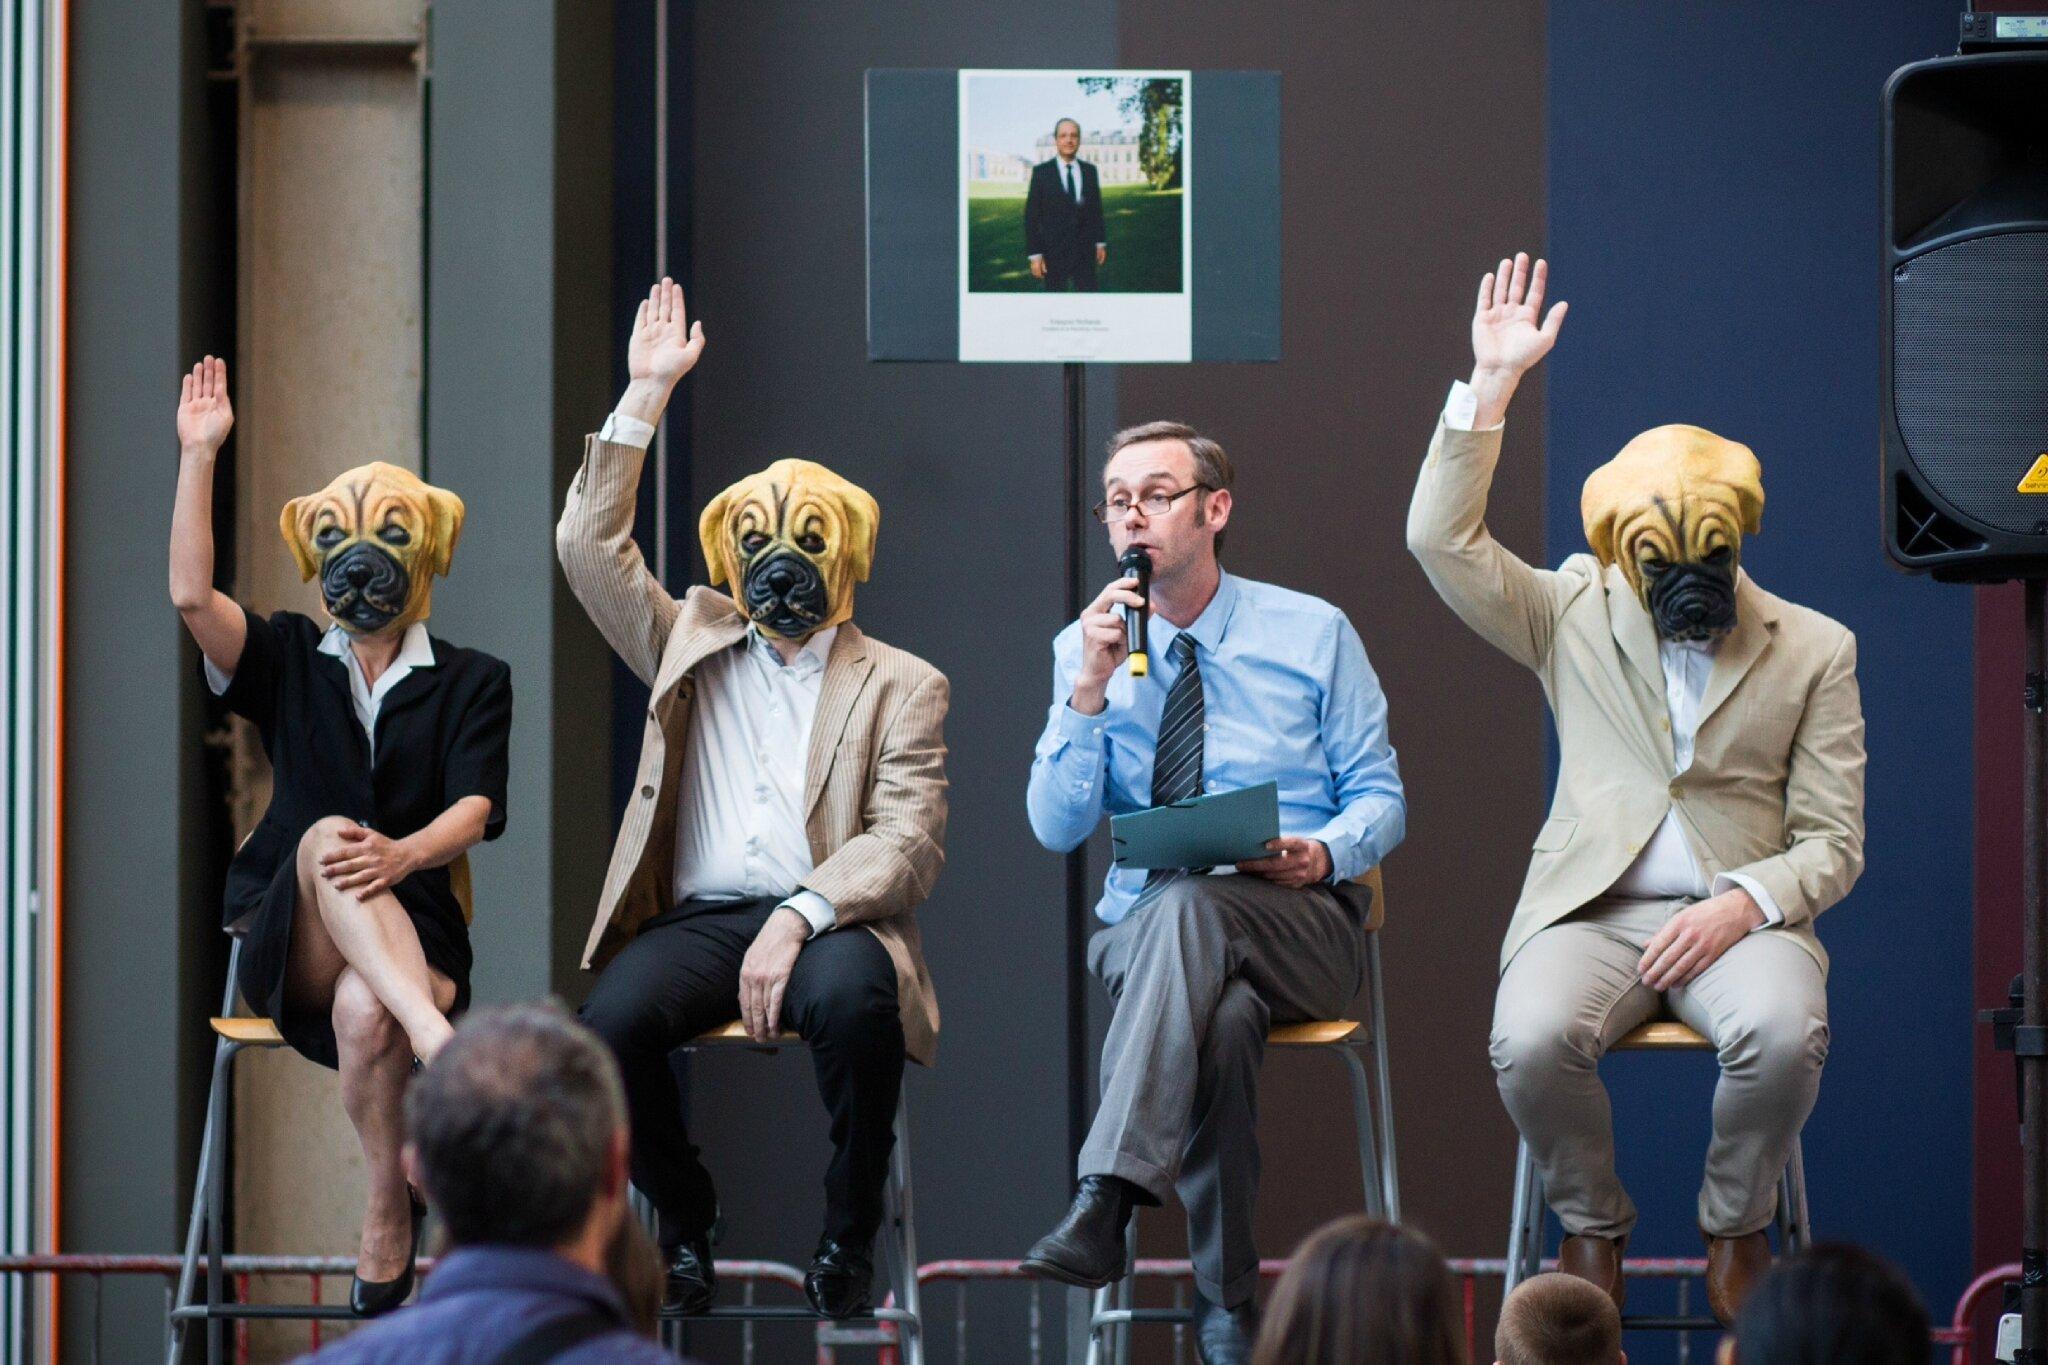 «Le Forum des assos» de la Cie Utopium théâtre en spectacle à Avranches vendredi 12 mai 2017